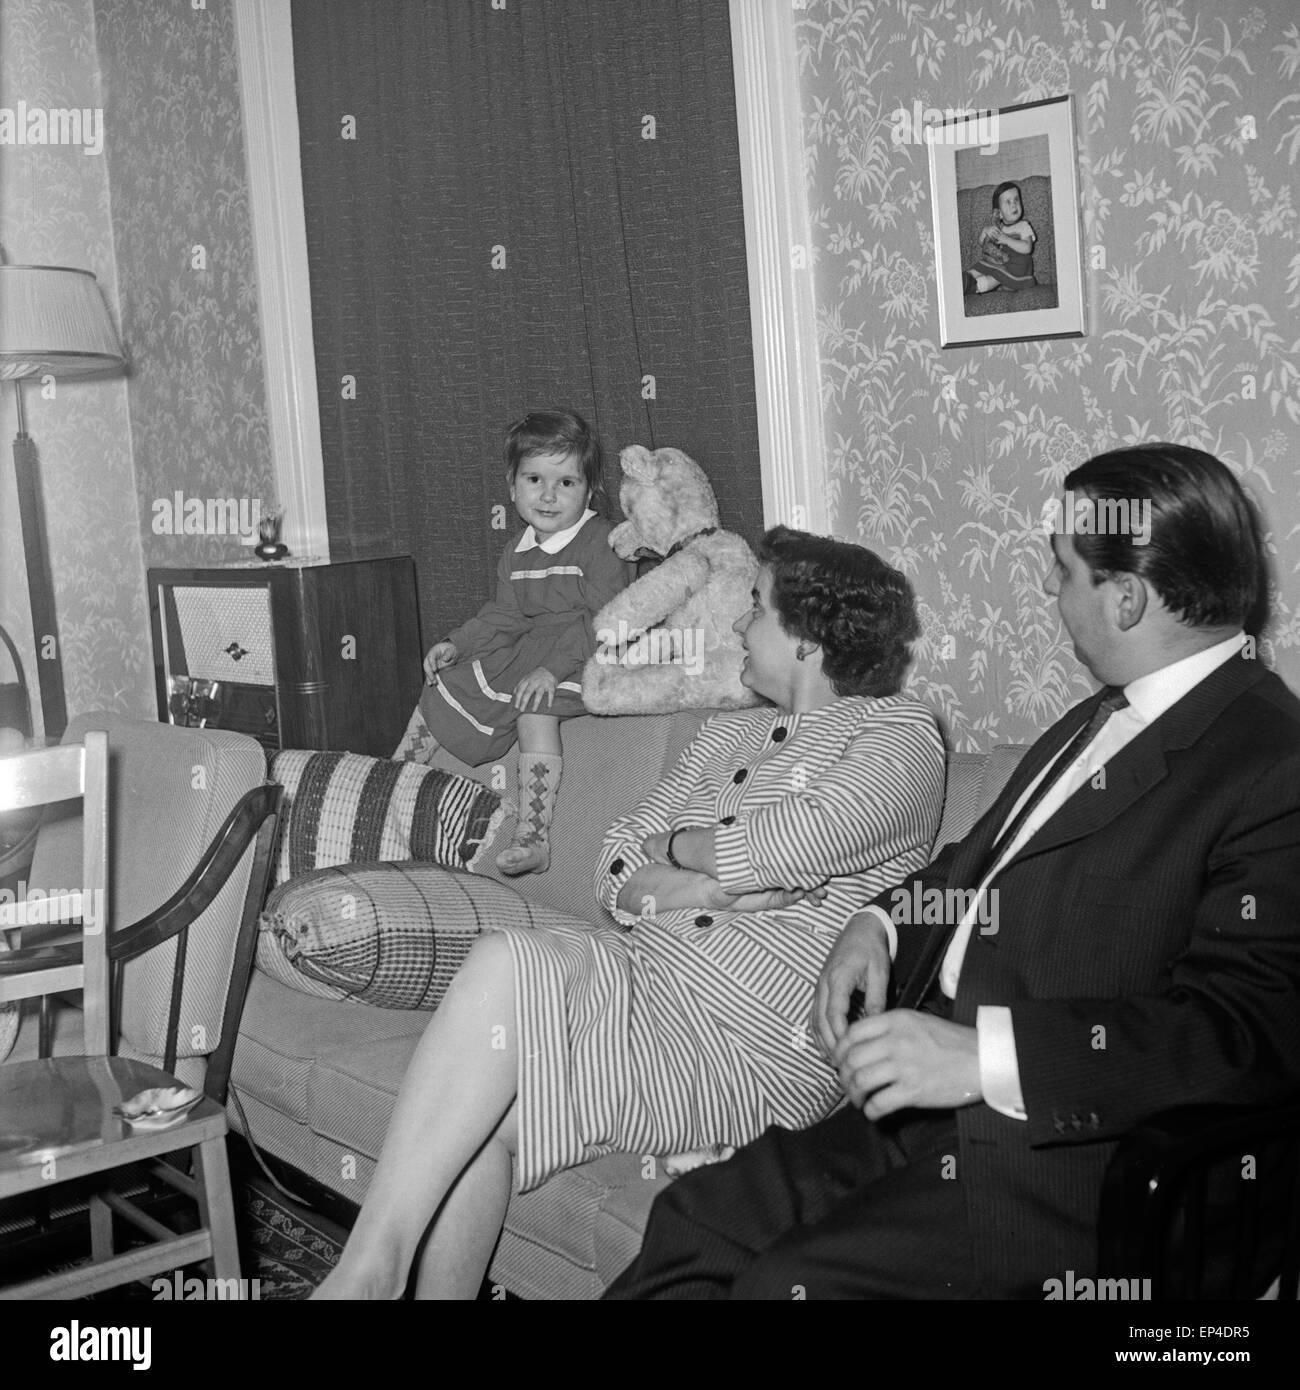 1950 site de rencontre quand ne Ross et Rachel commencer à dater